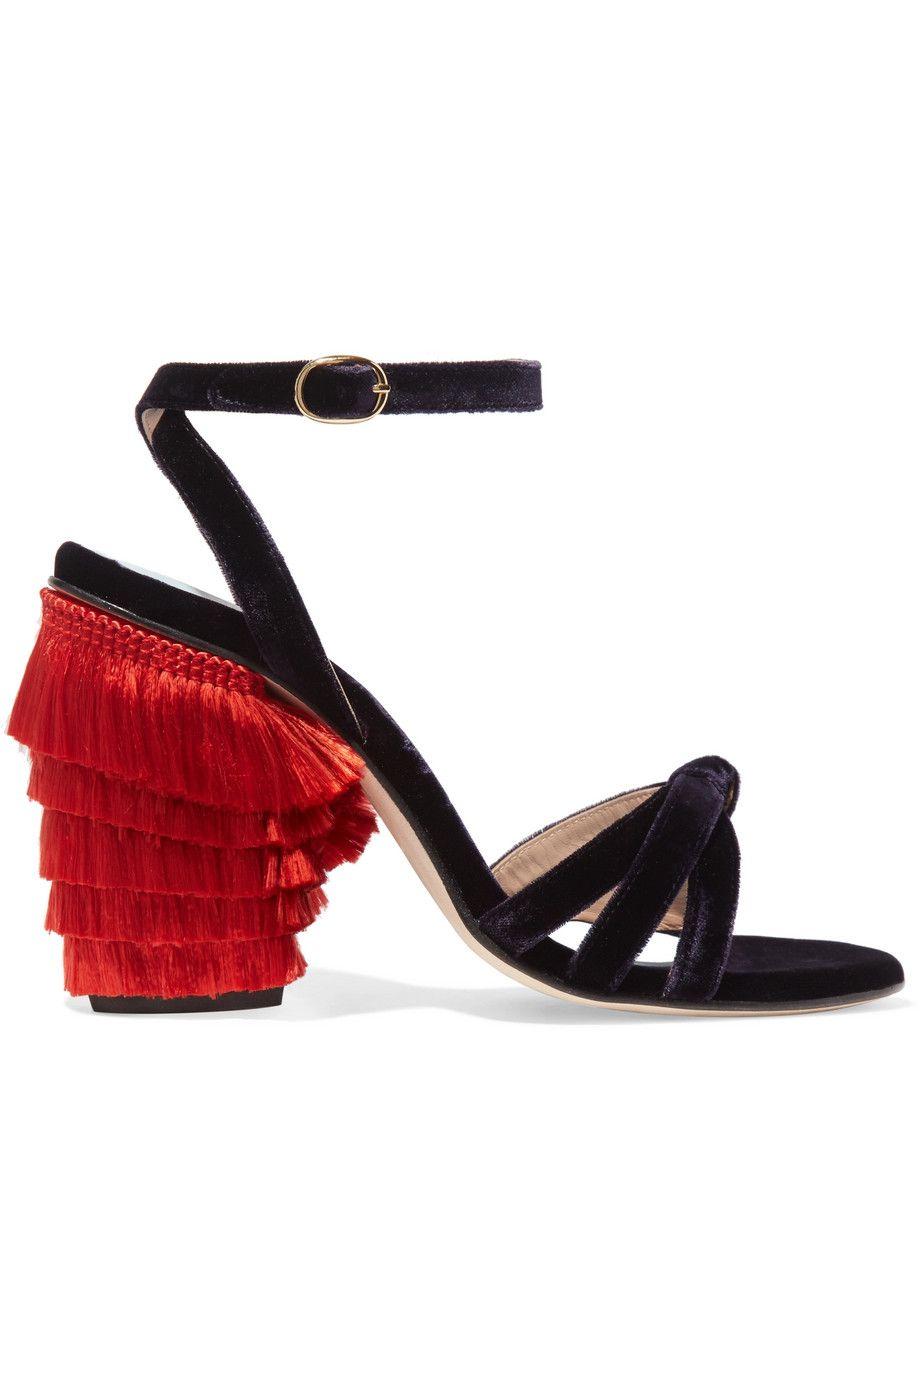 184c9fd14ee Spring Shoe Trends 2019 - Cute Footwear for Spring